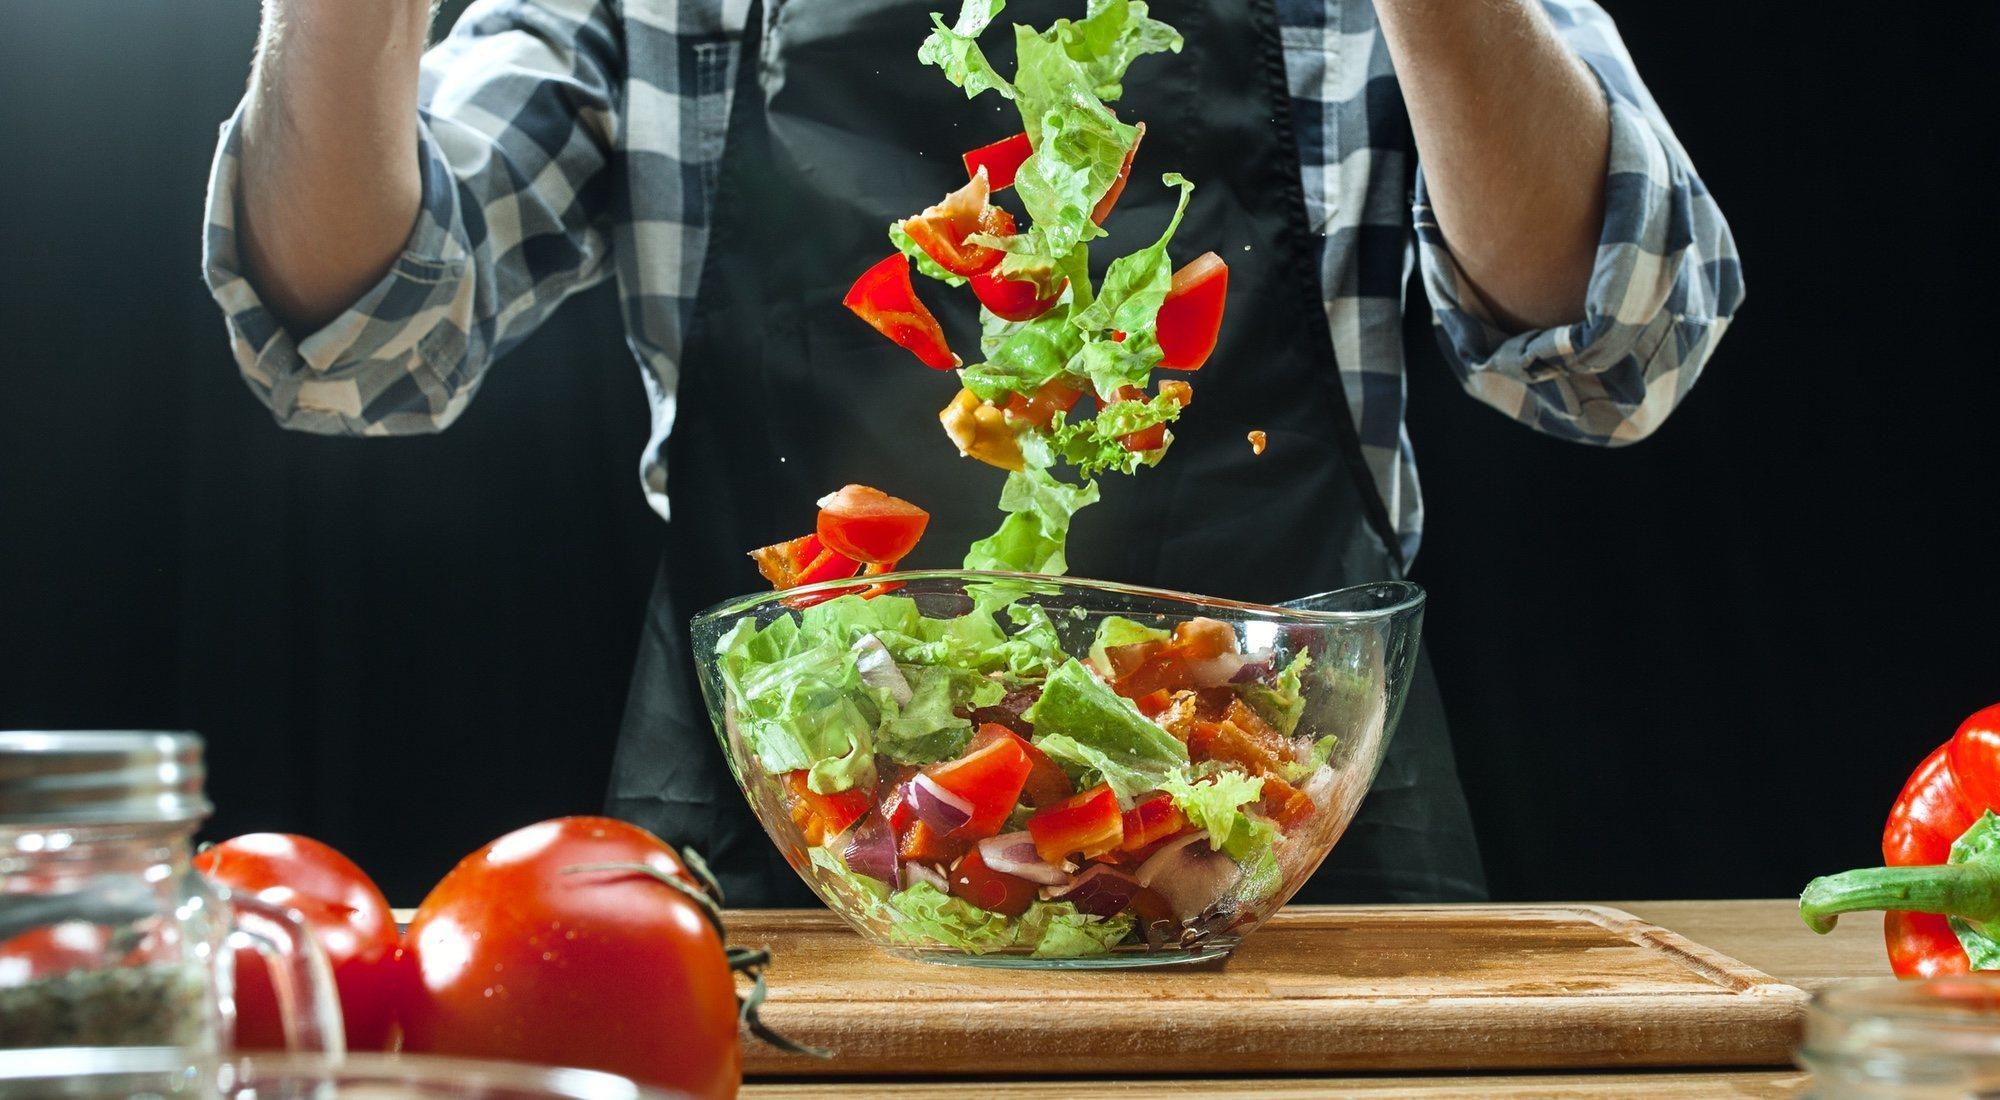 Dieta para perder peso: consejos para perder más durante la dieta